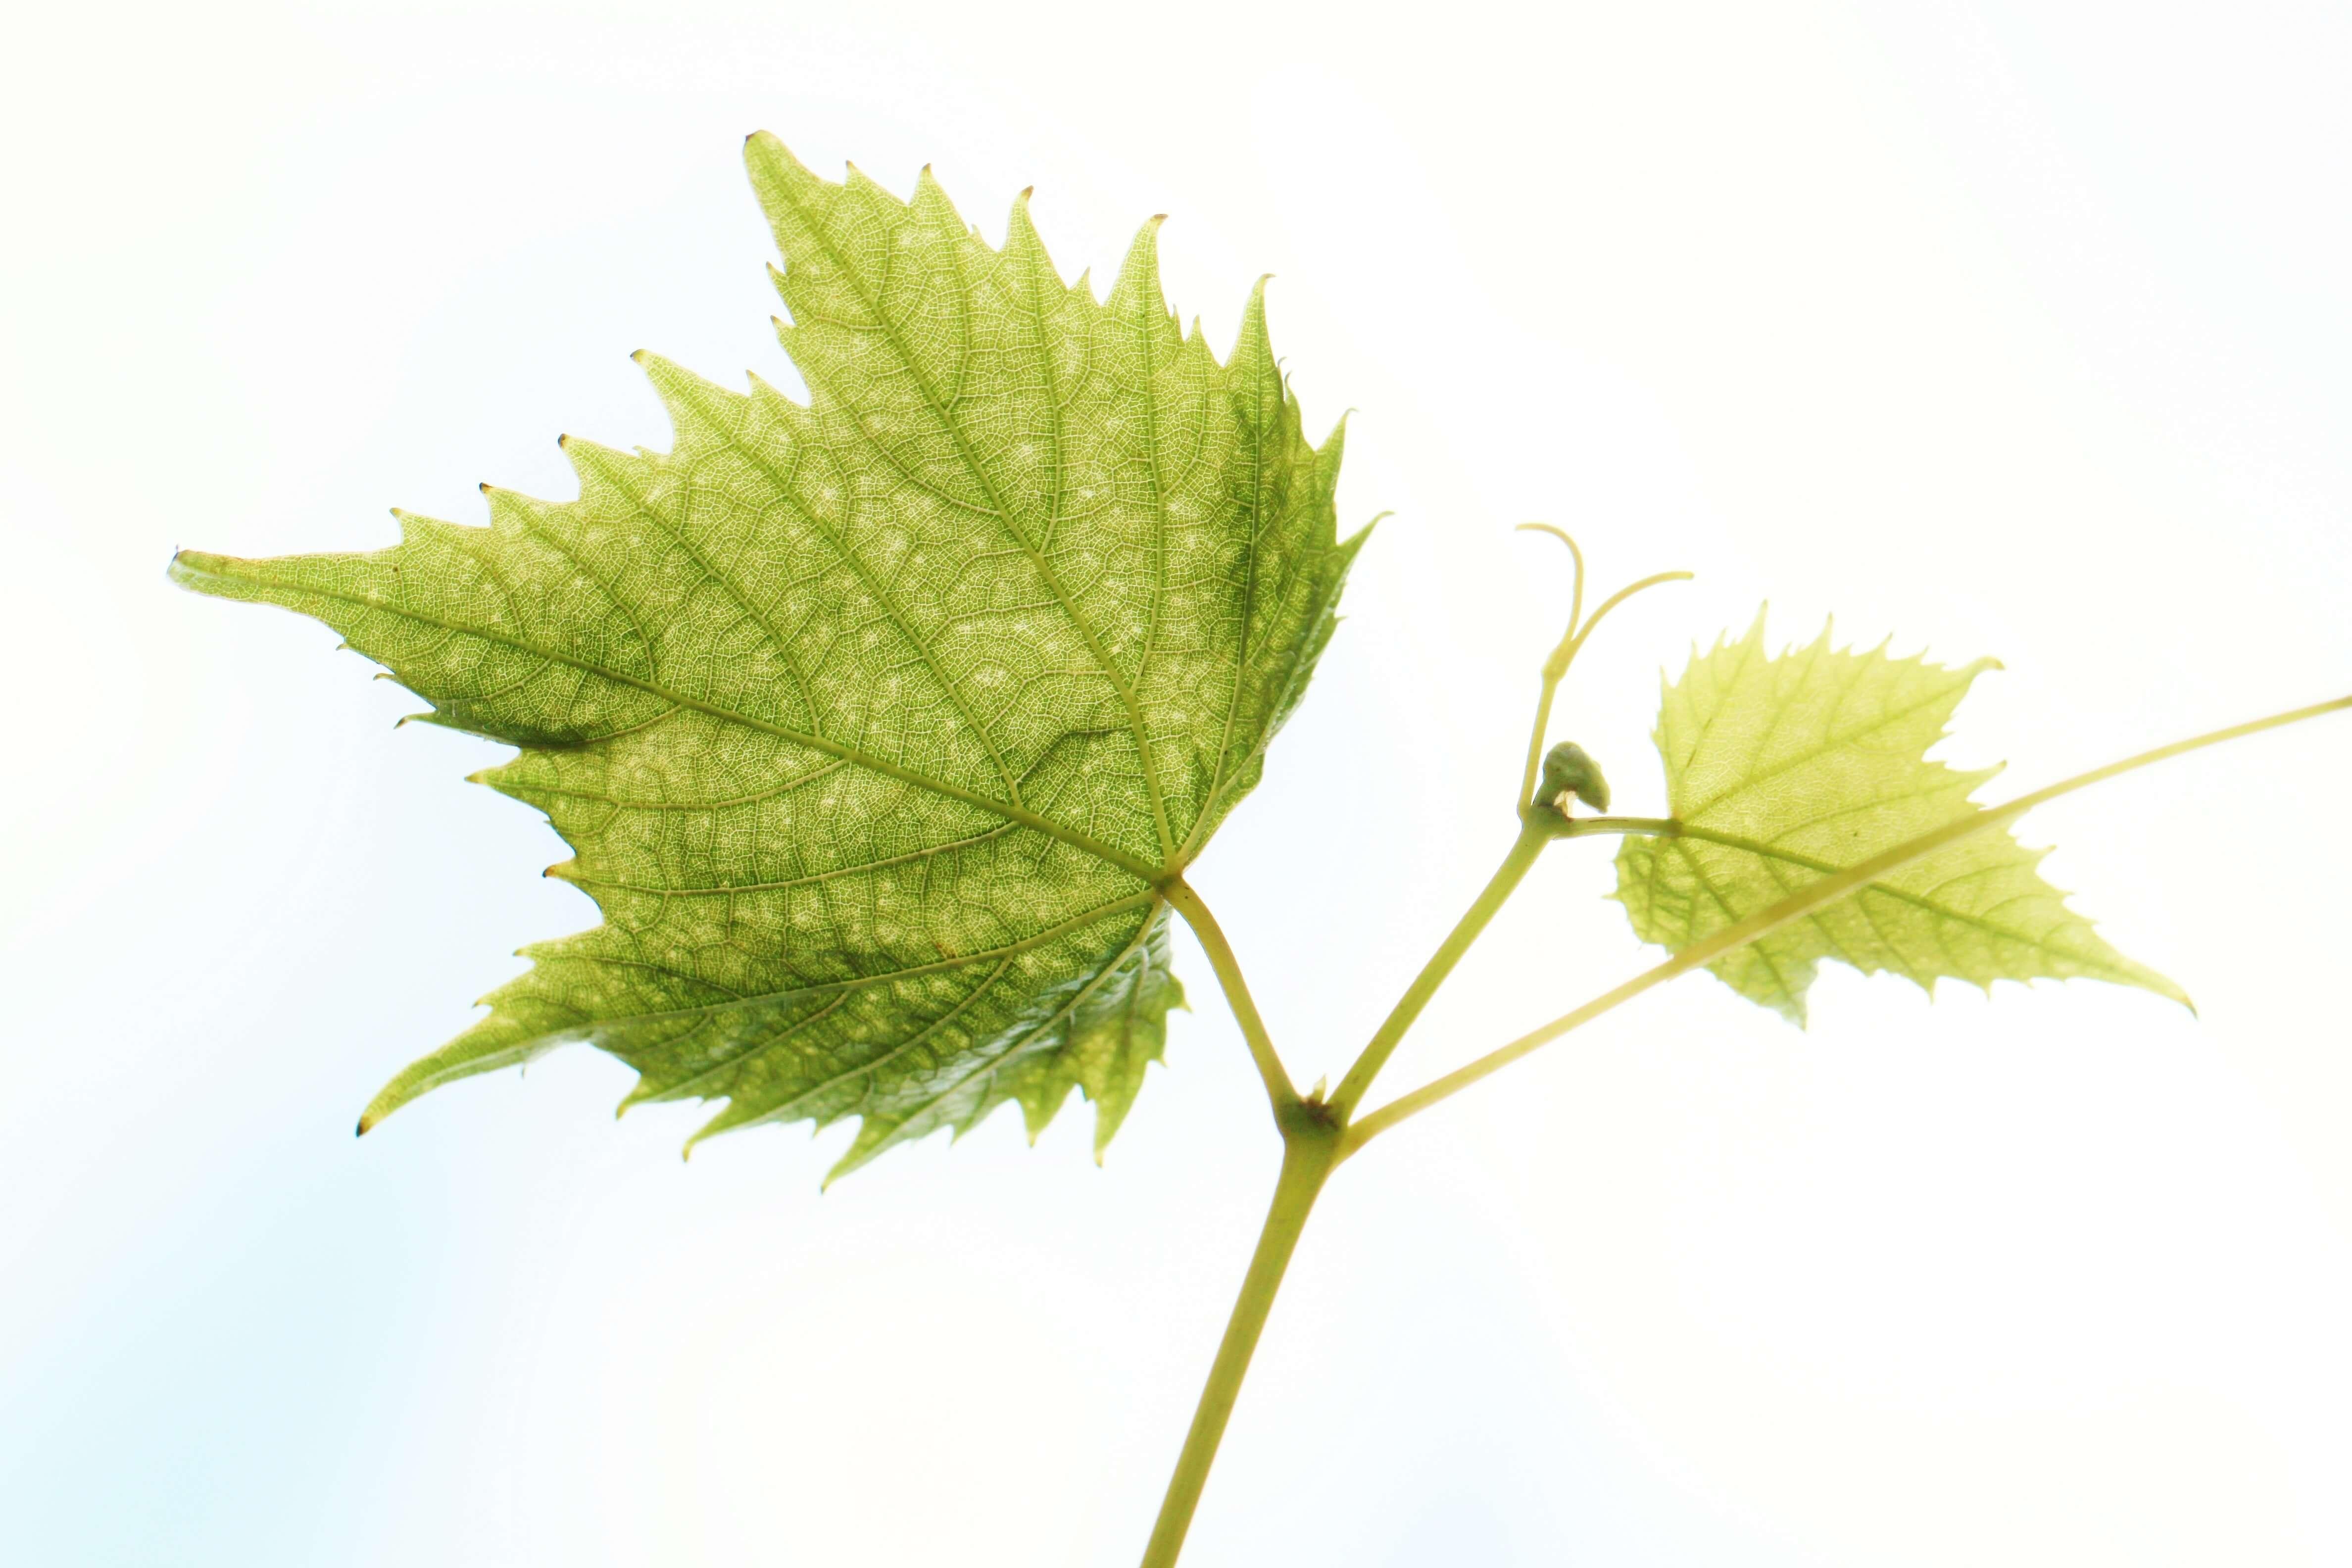 wine-leaf-504830